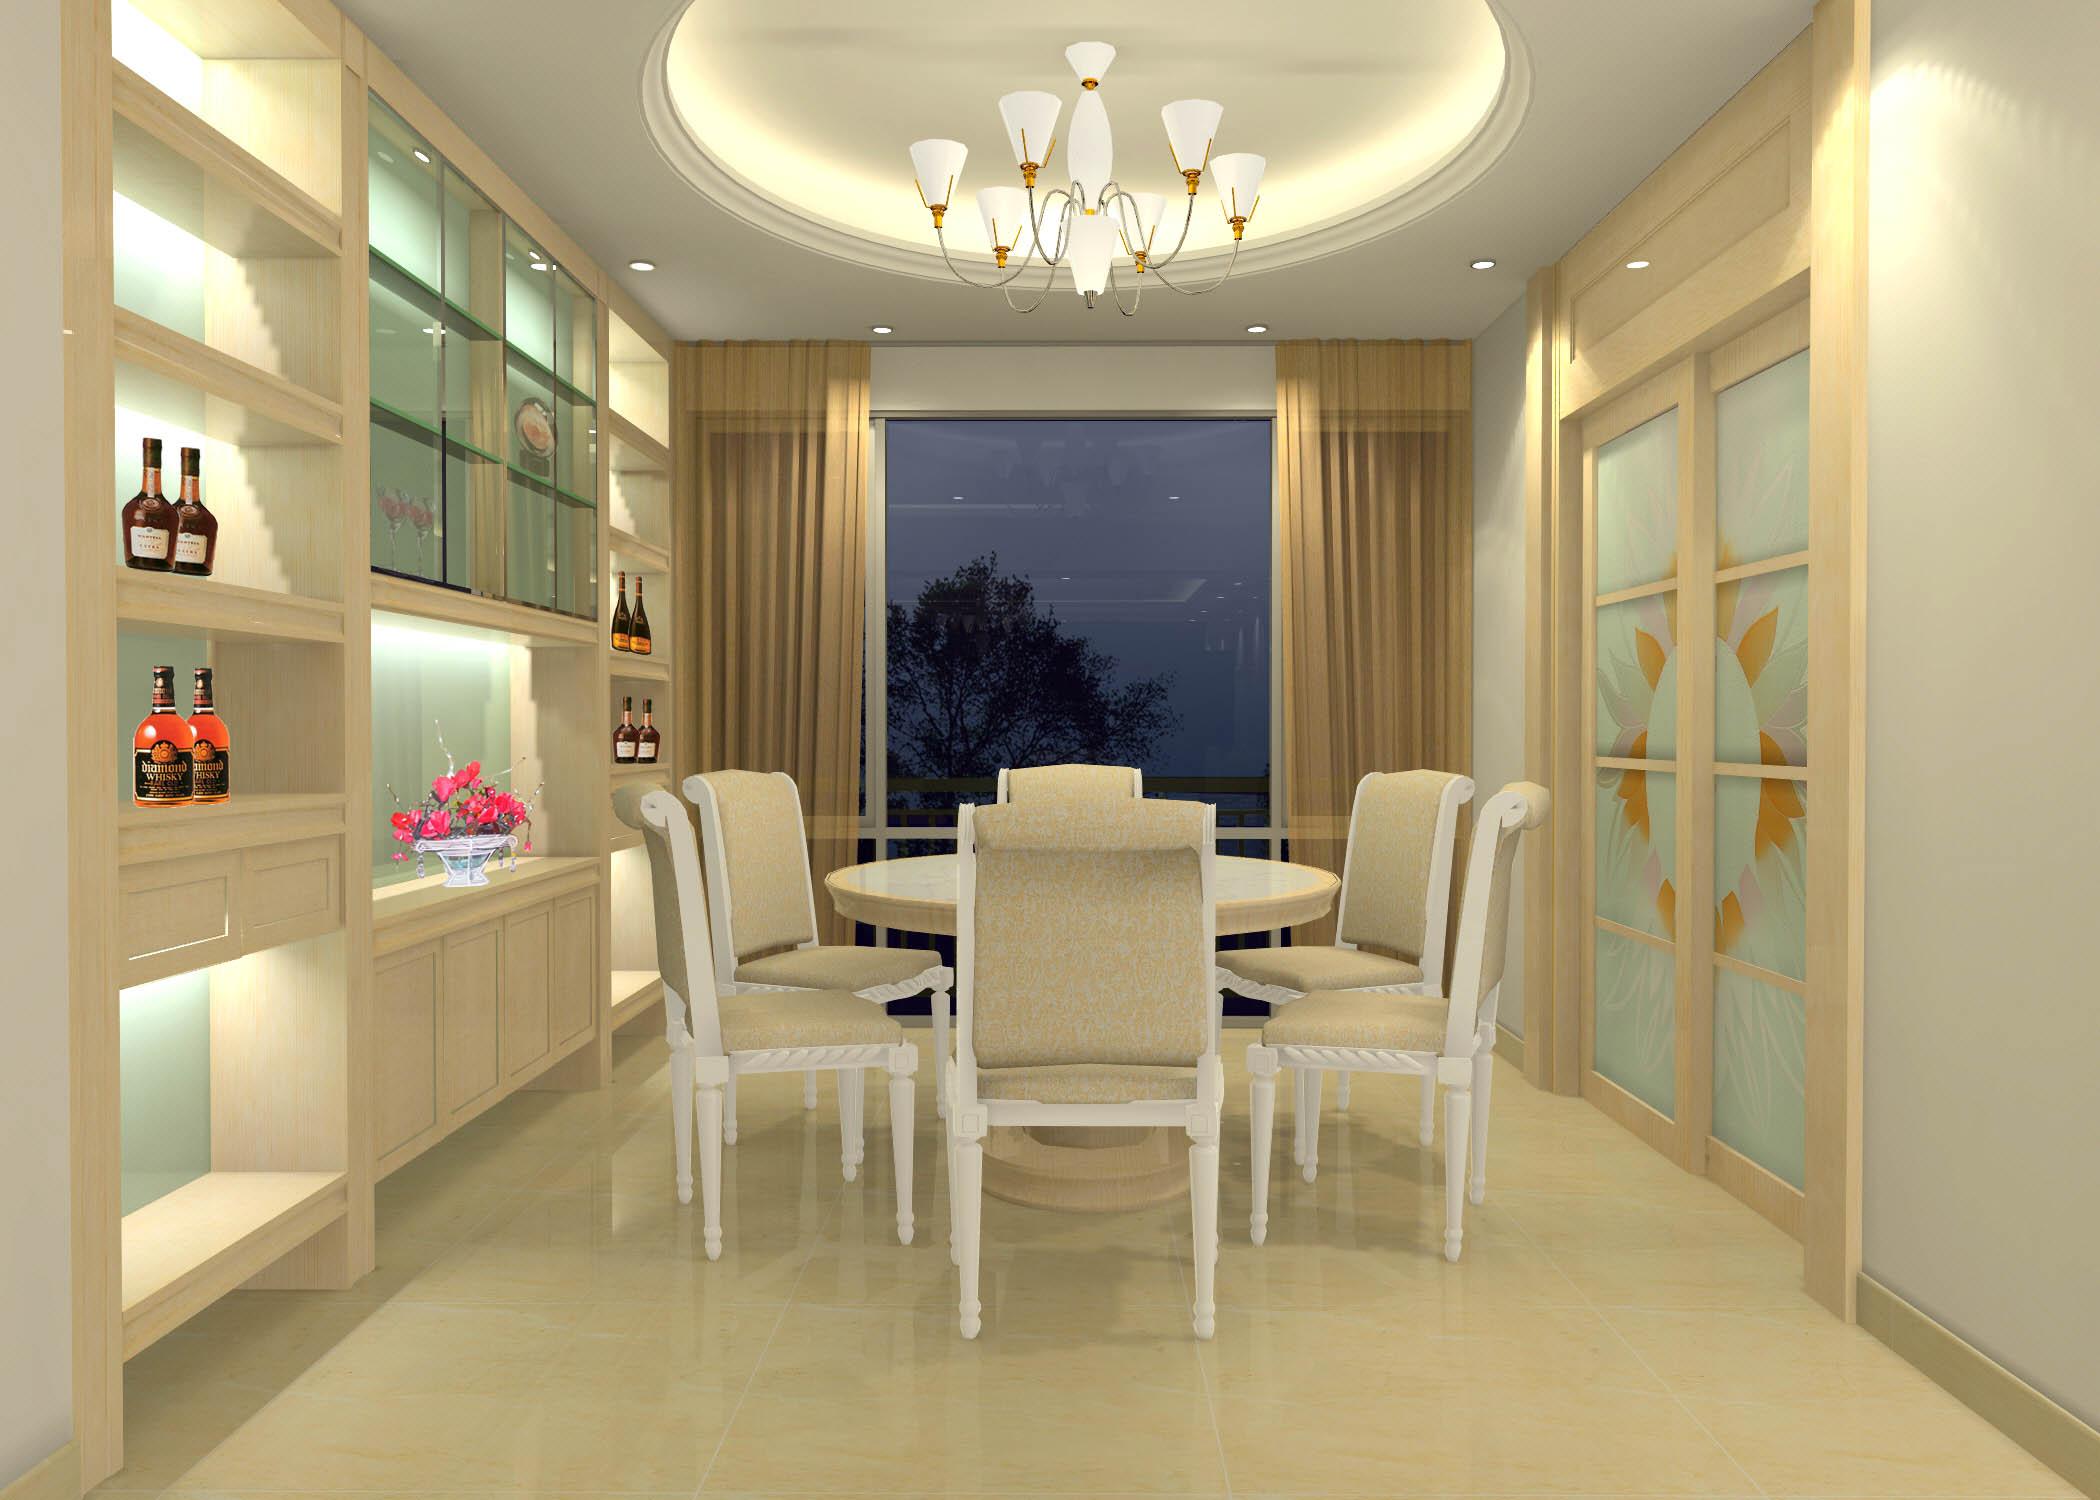 美发店装修,室内大概41平方米,门口台阶有15个平方